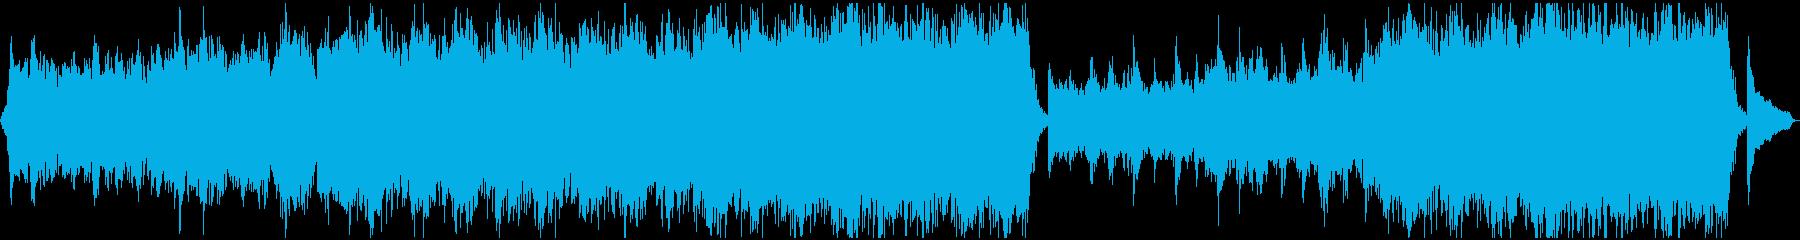 アンビエントで栄光のような曲の再生済みの波形